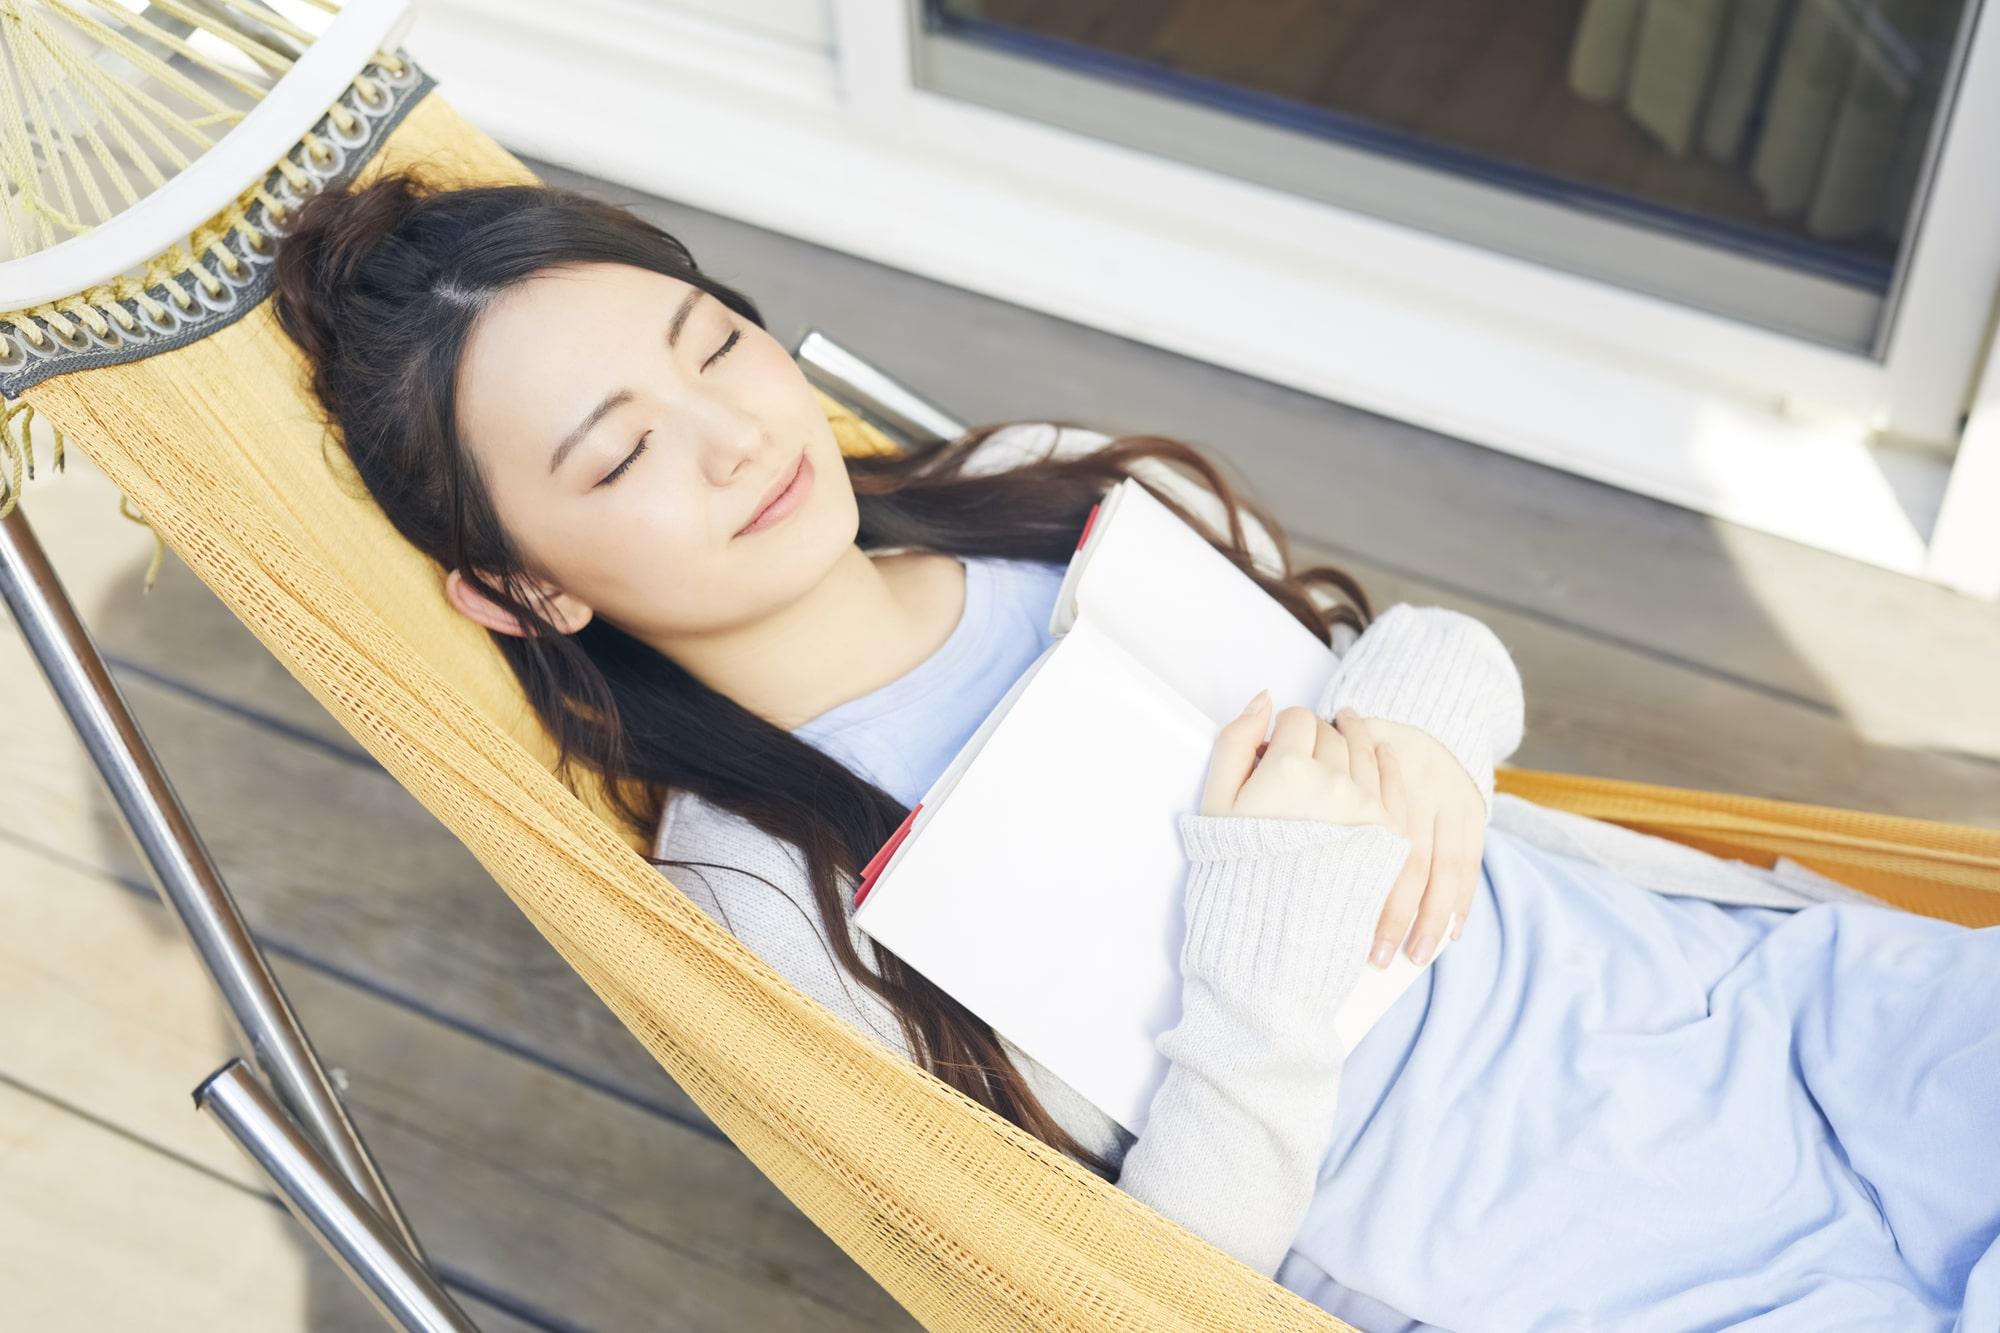 コロナ疲れに癒しを…!コロナ疲れにぜひ試してほしいおすすめの癒し5選|TIME SHARING|タイムシェアリング|スペースマネジメント|あどばる|adval|SHARING